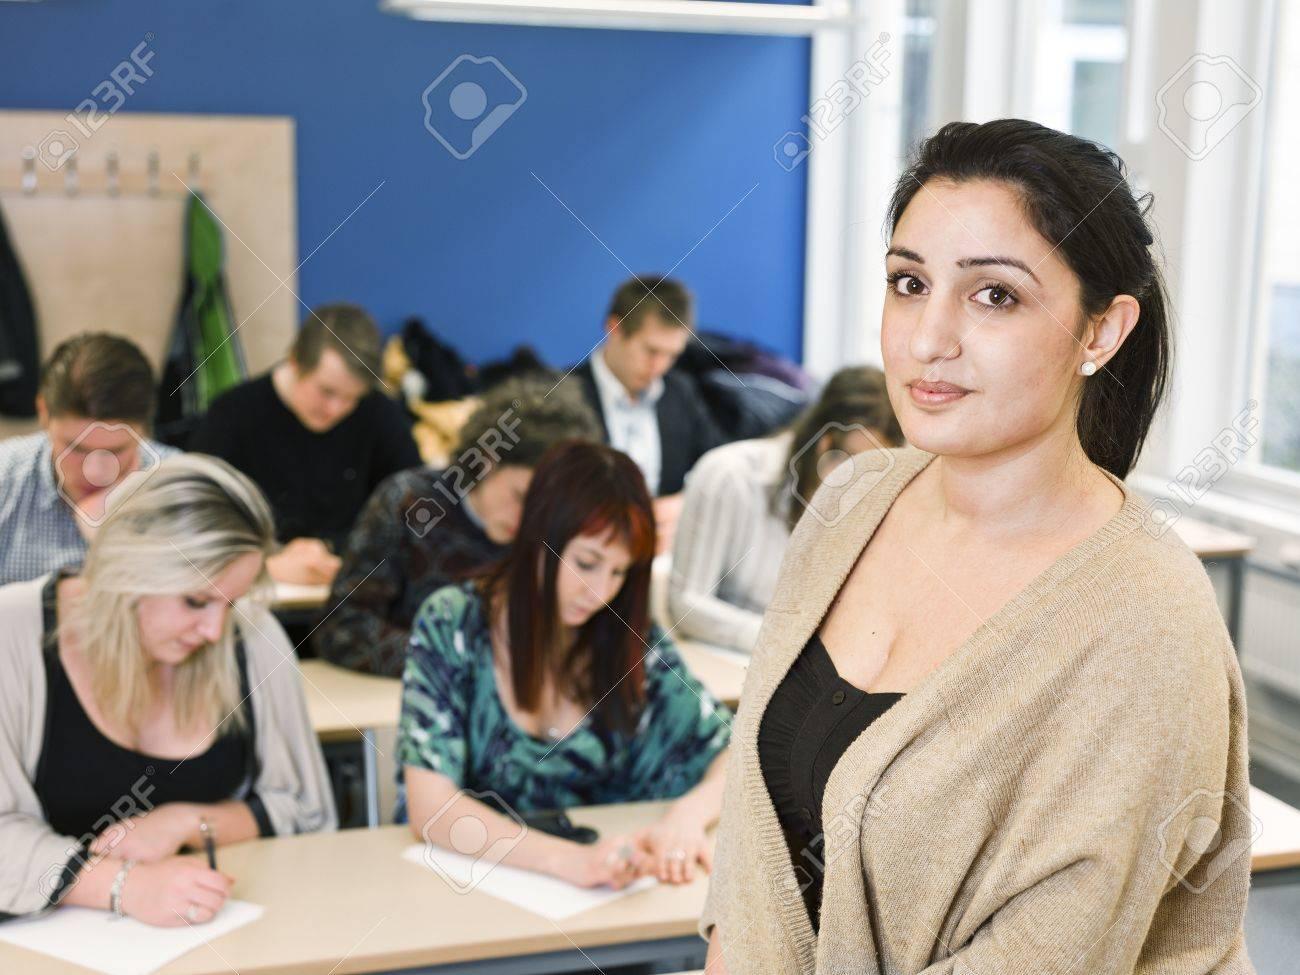 Как учительница выпендривалась перед учениками фото 728-387